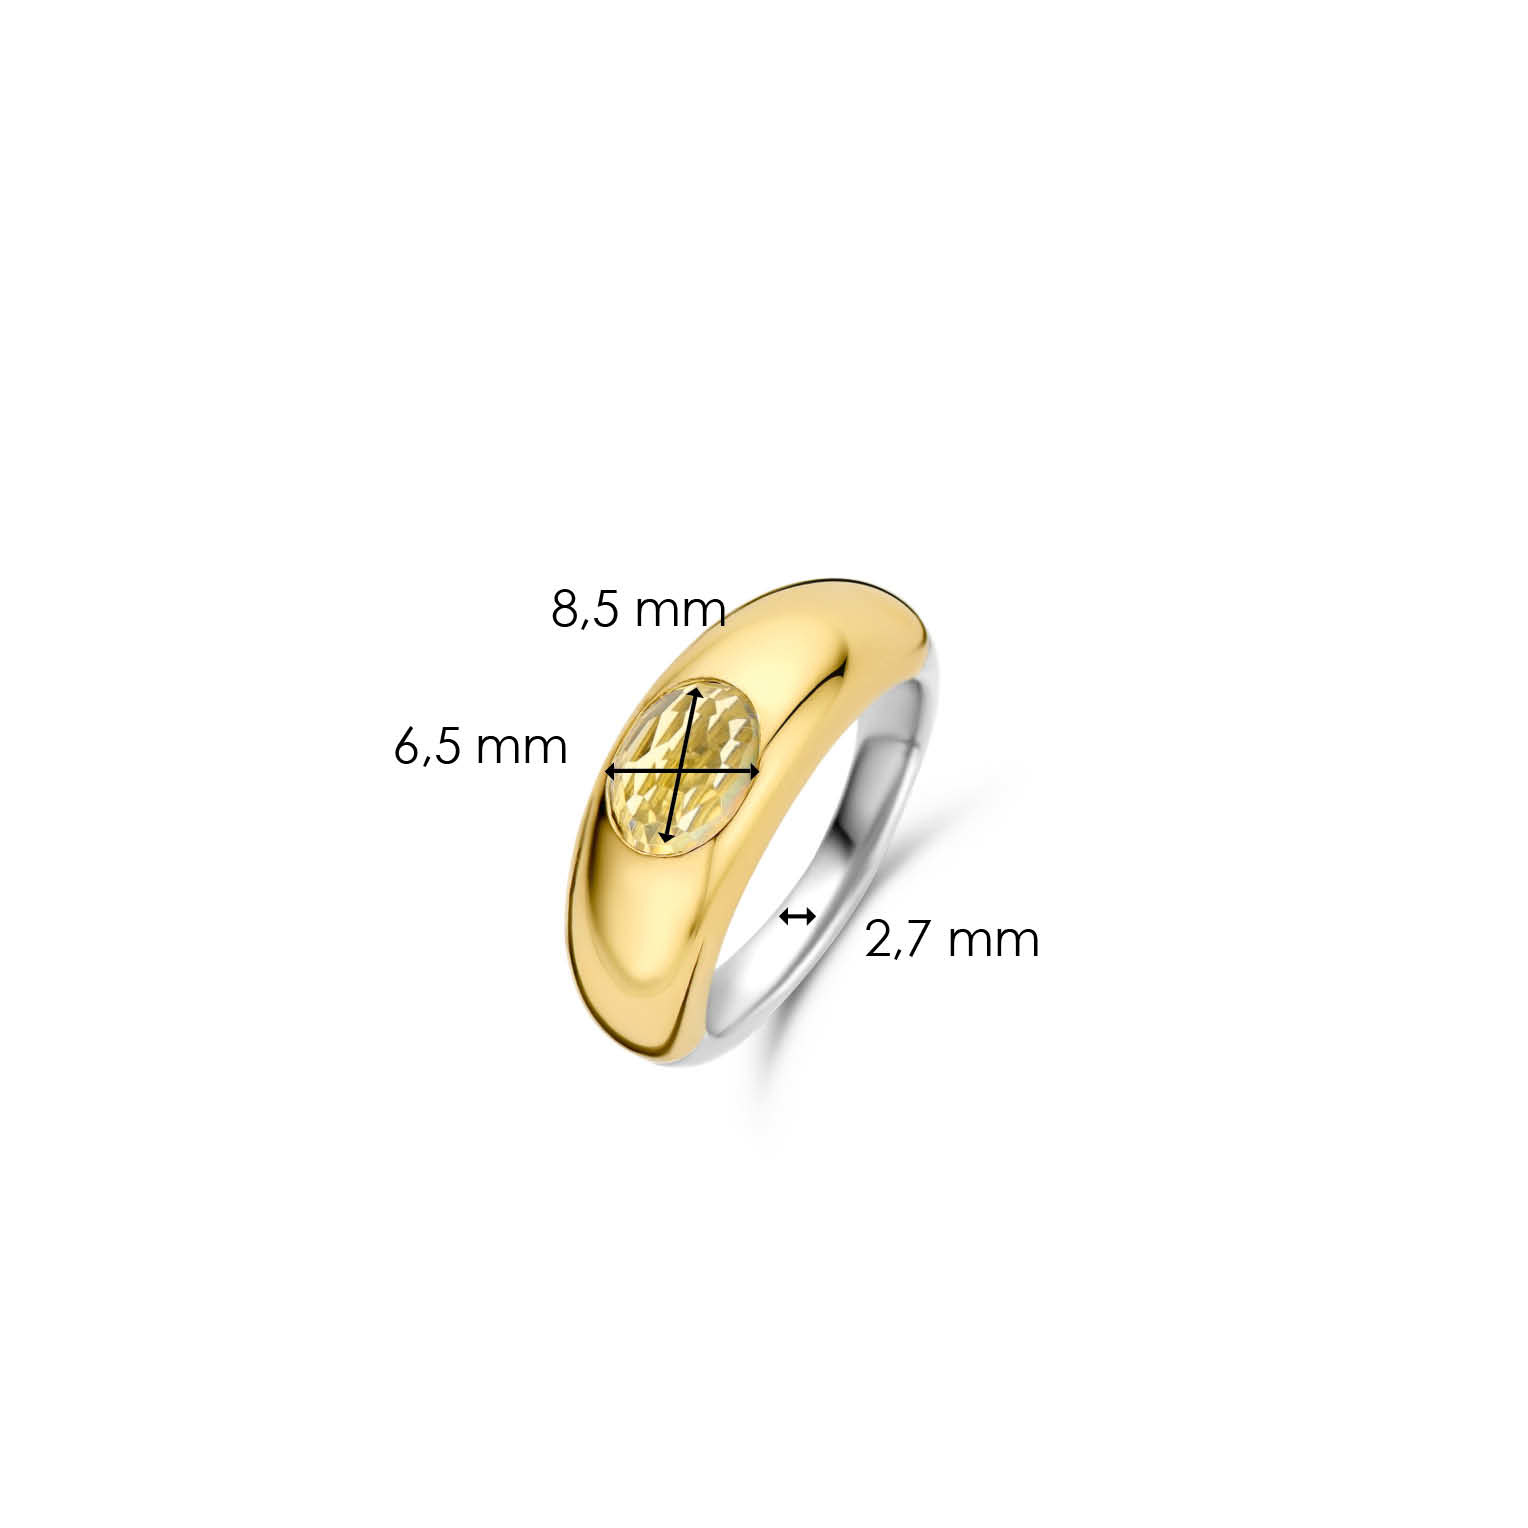 TI SENTO - Milano Ring 12173TY-4